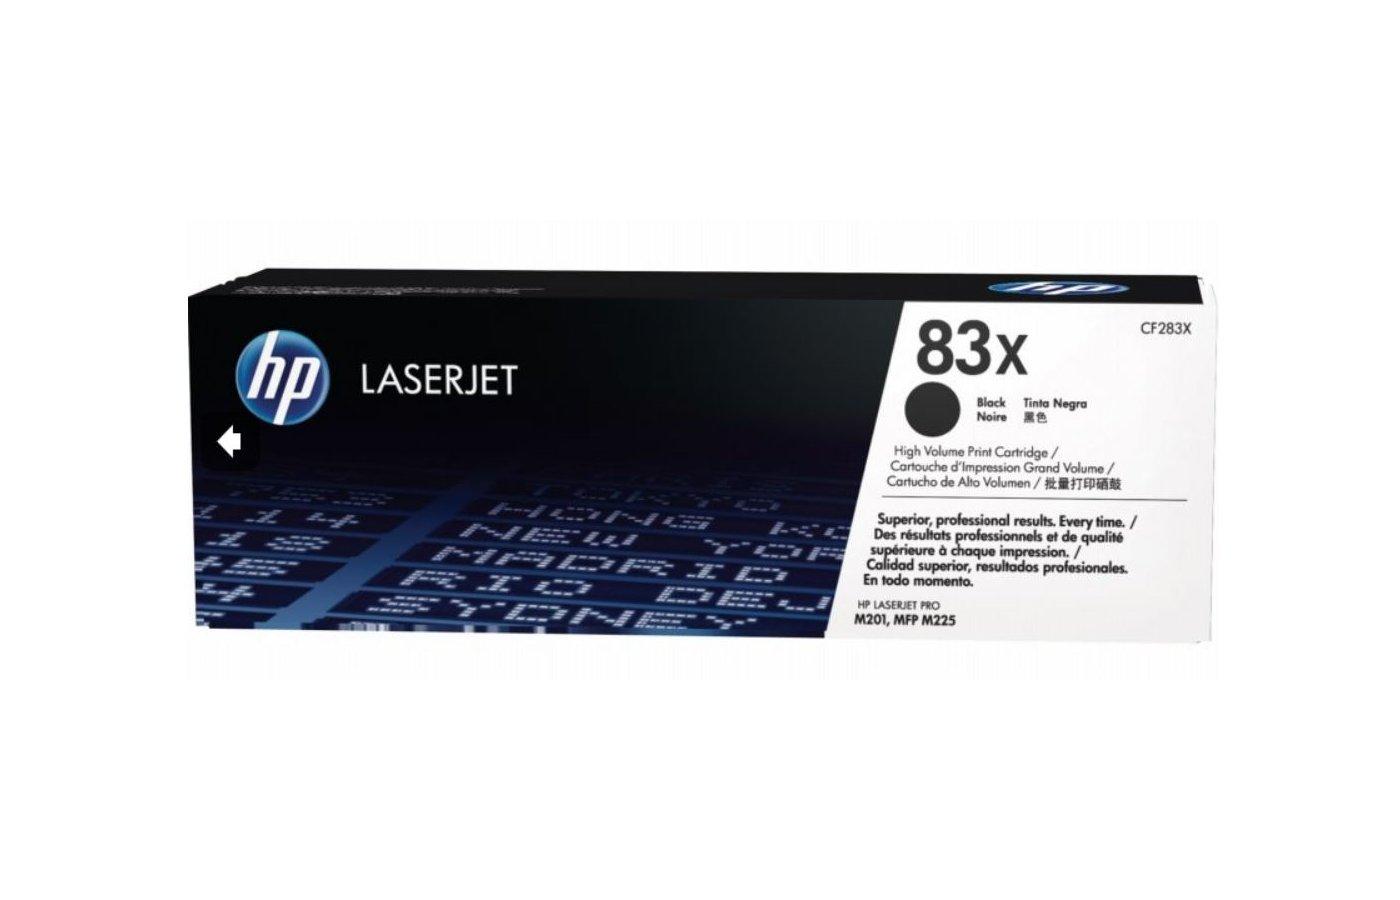 Картридж лазерный HP 83X CF283X черный для LaserJet Pro M201, M225 (2200стр.)